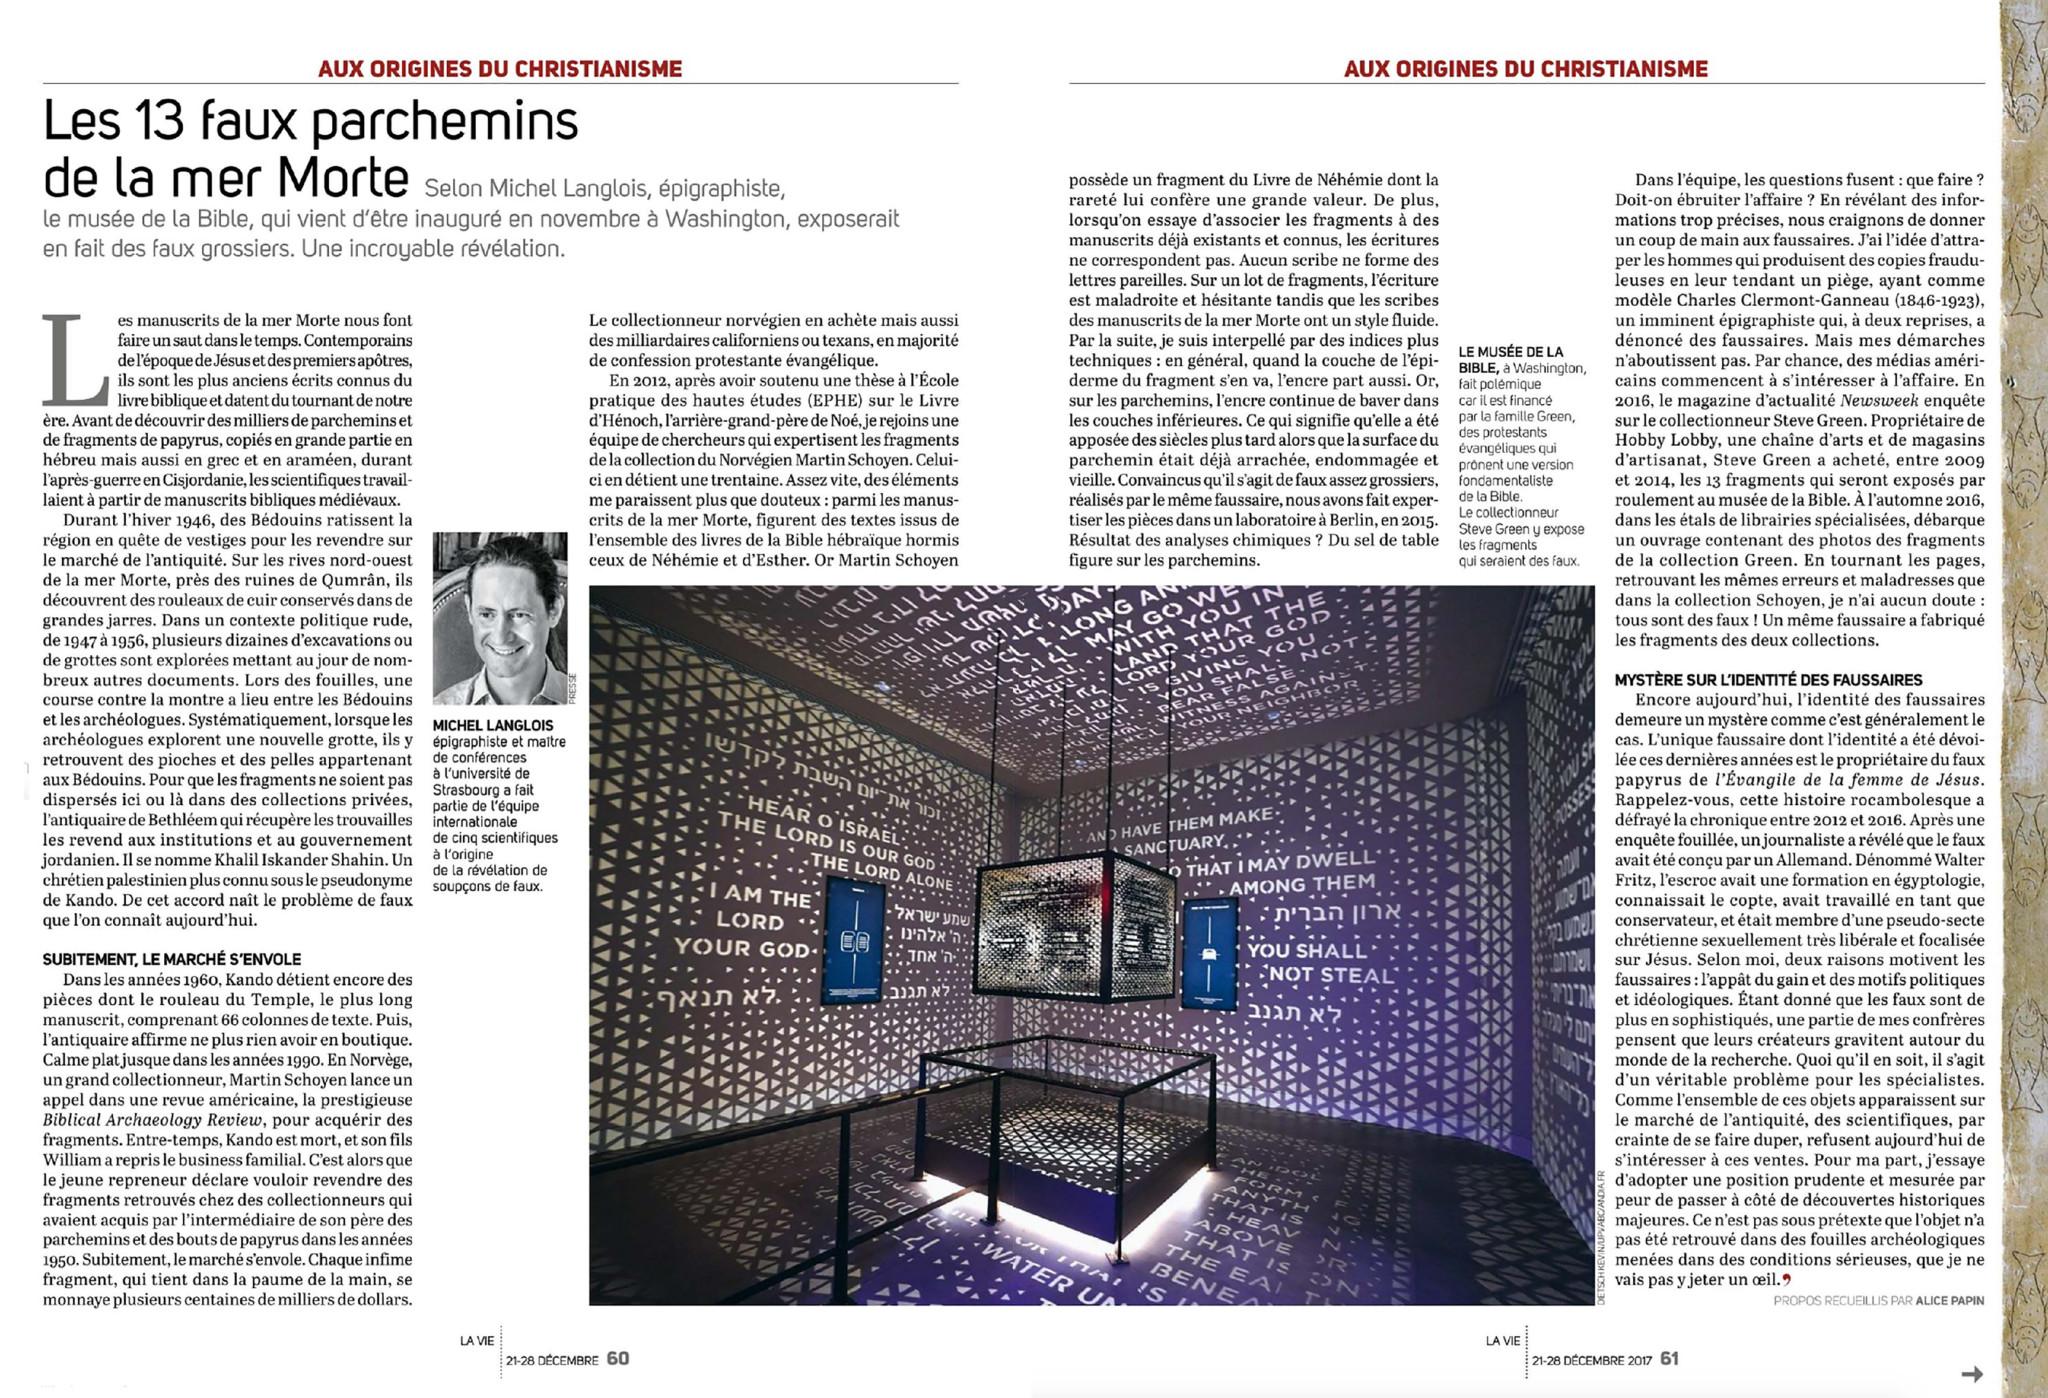 thumbnail of Les 13 faux parchemins de la mer Morte, La Vie, 21 décembre 2017, p. 60-61